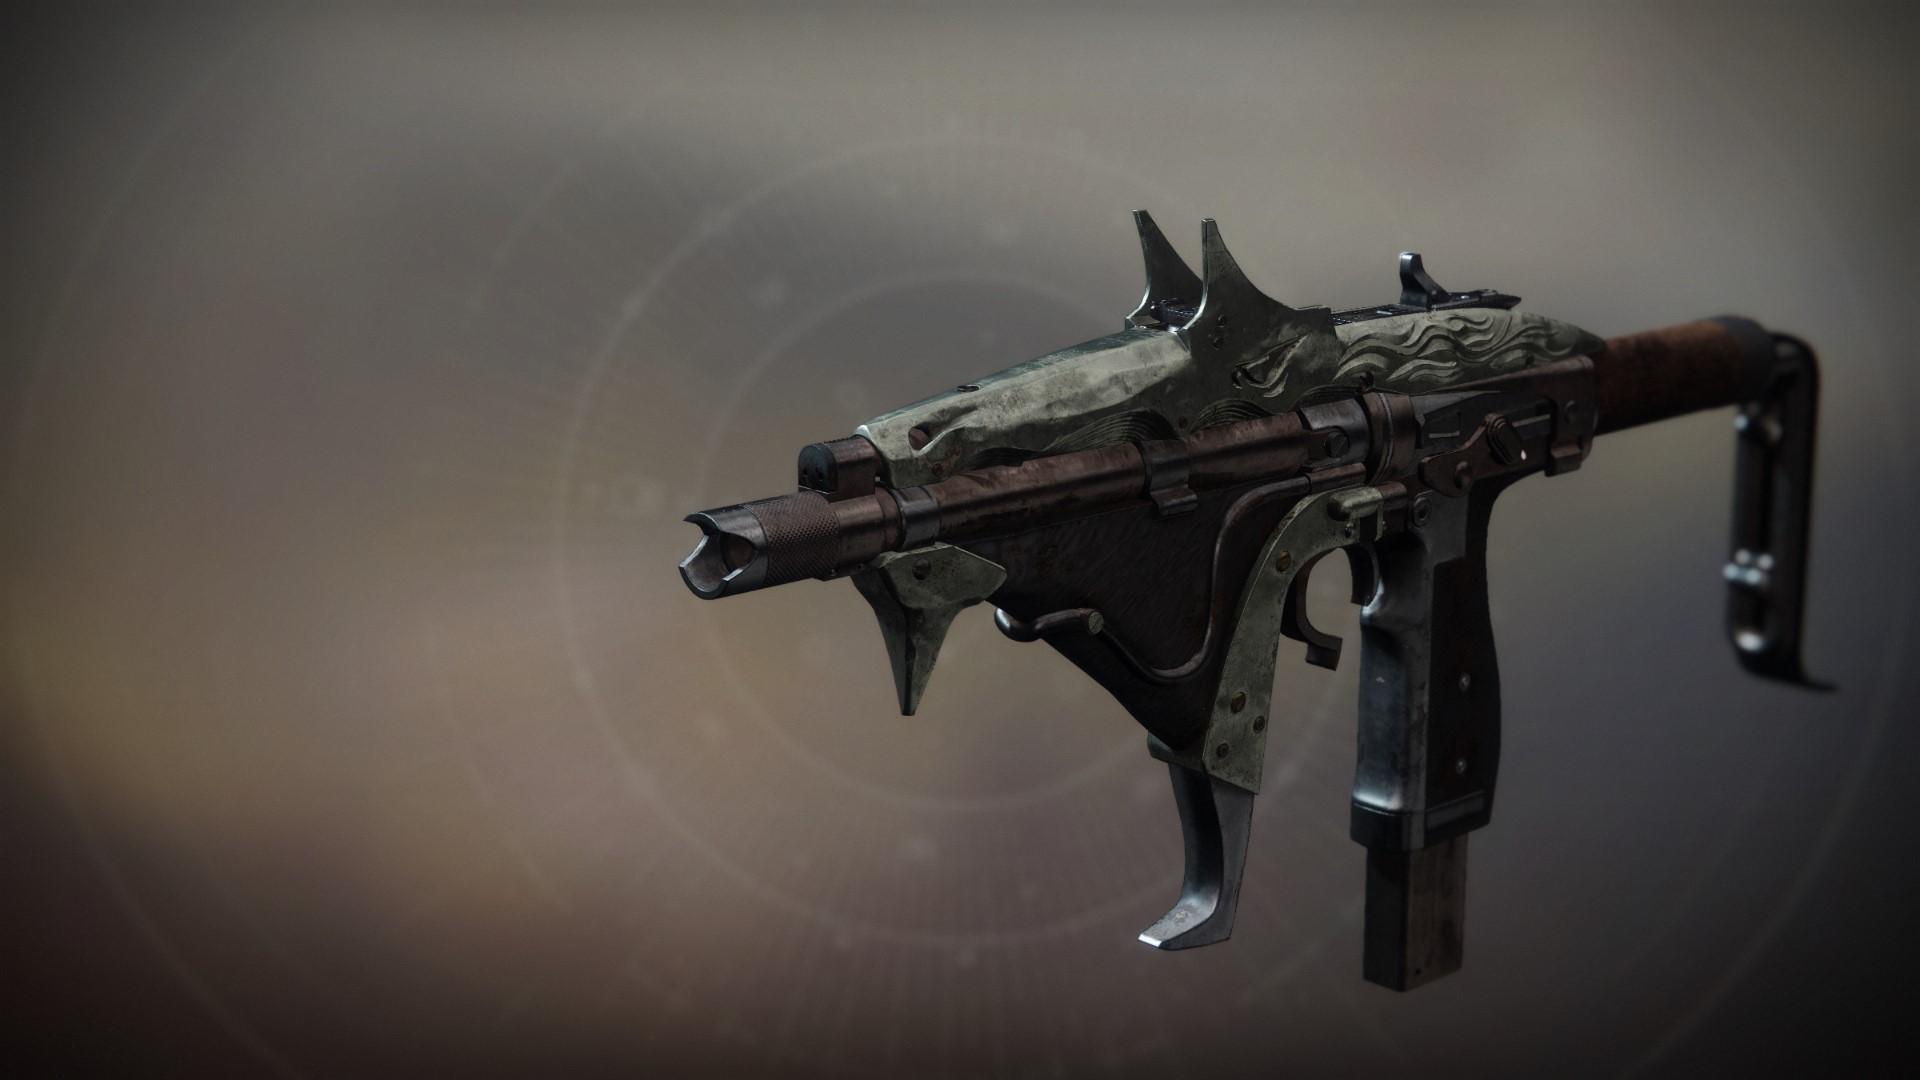 destiny 2 tarrabah